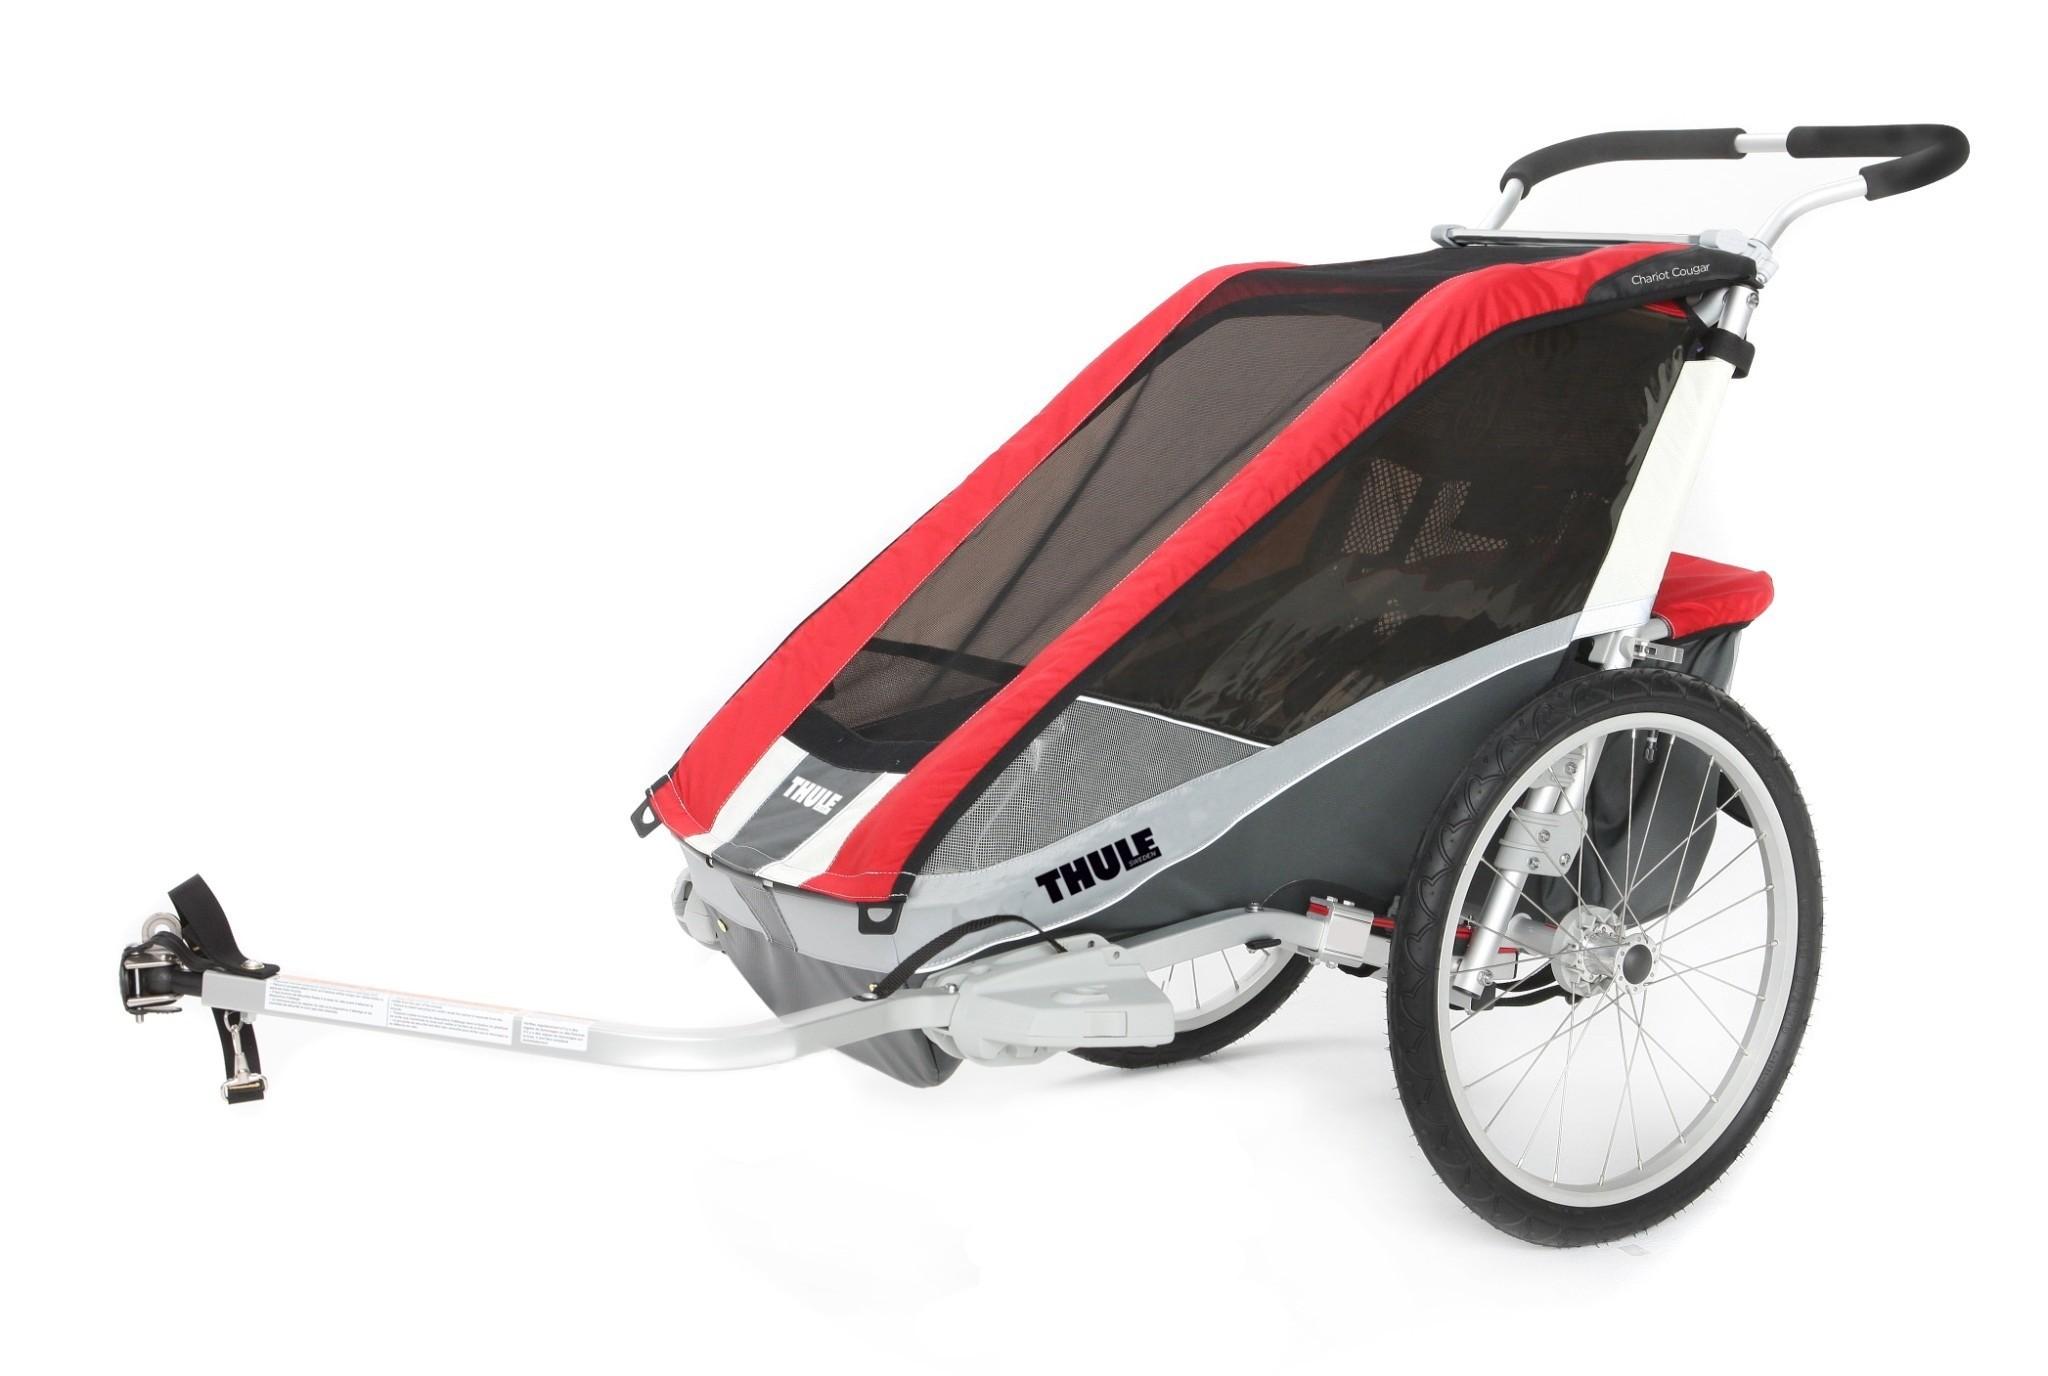 THULE Chariot Cougar 1, przyczepka rowerowa dla dziecka - czerwona - SKLEP I WYPOŻYCZALNIA ACTIF